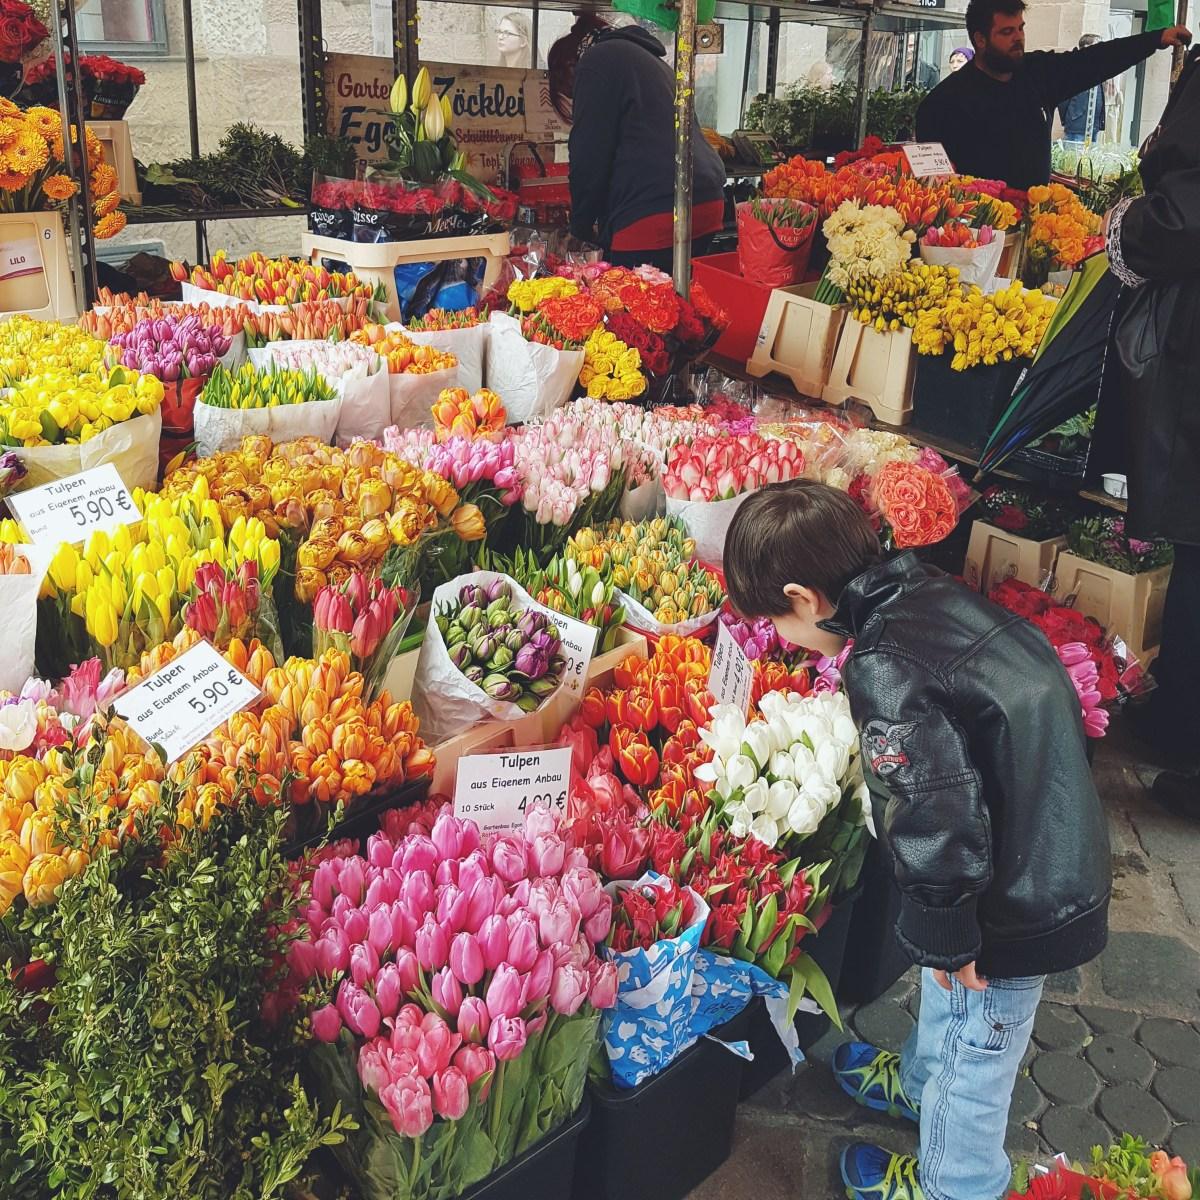 Norimberga: tra würstel e tulipani la mia prima volta in Germania!